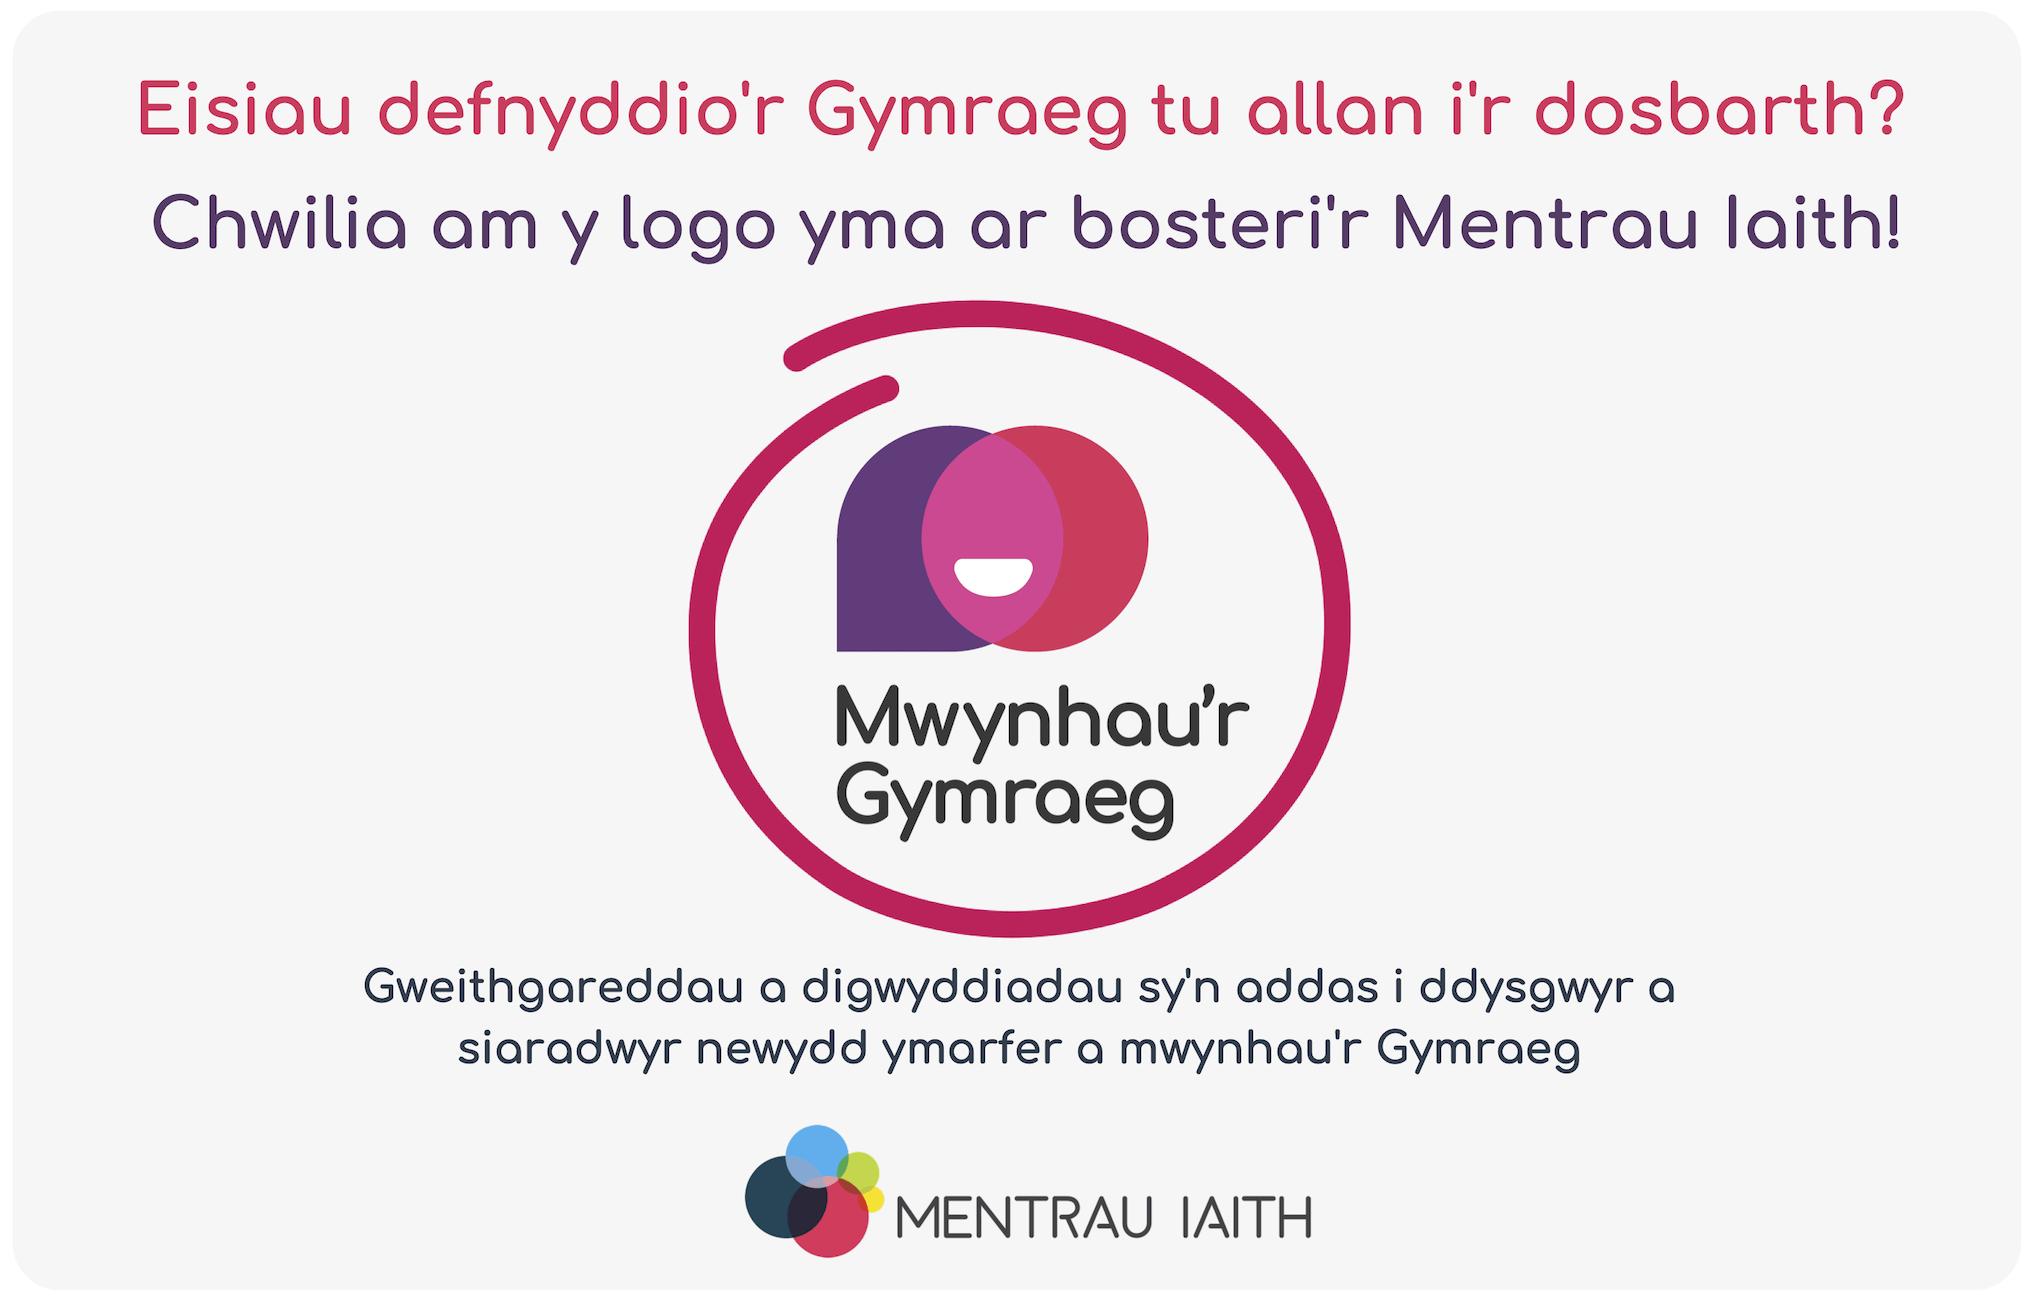 Mentrau Iaith- Mwynhau'r Gymraeg